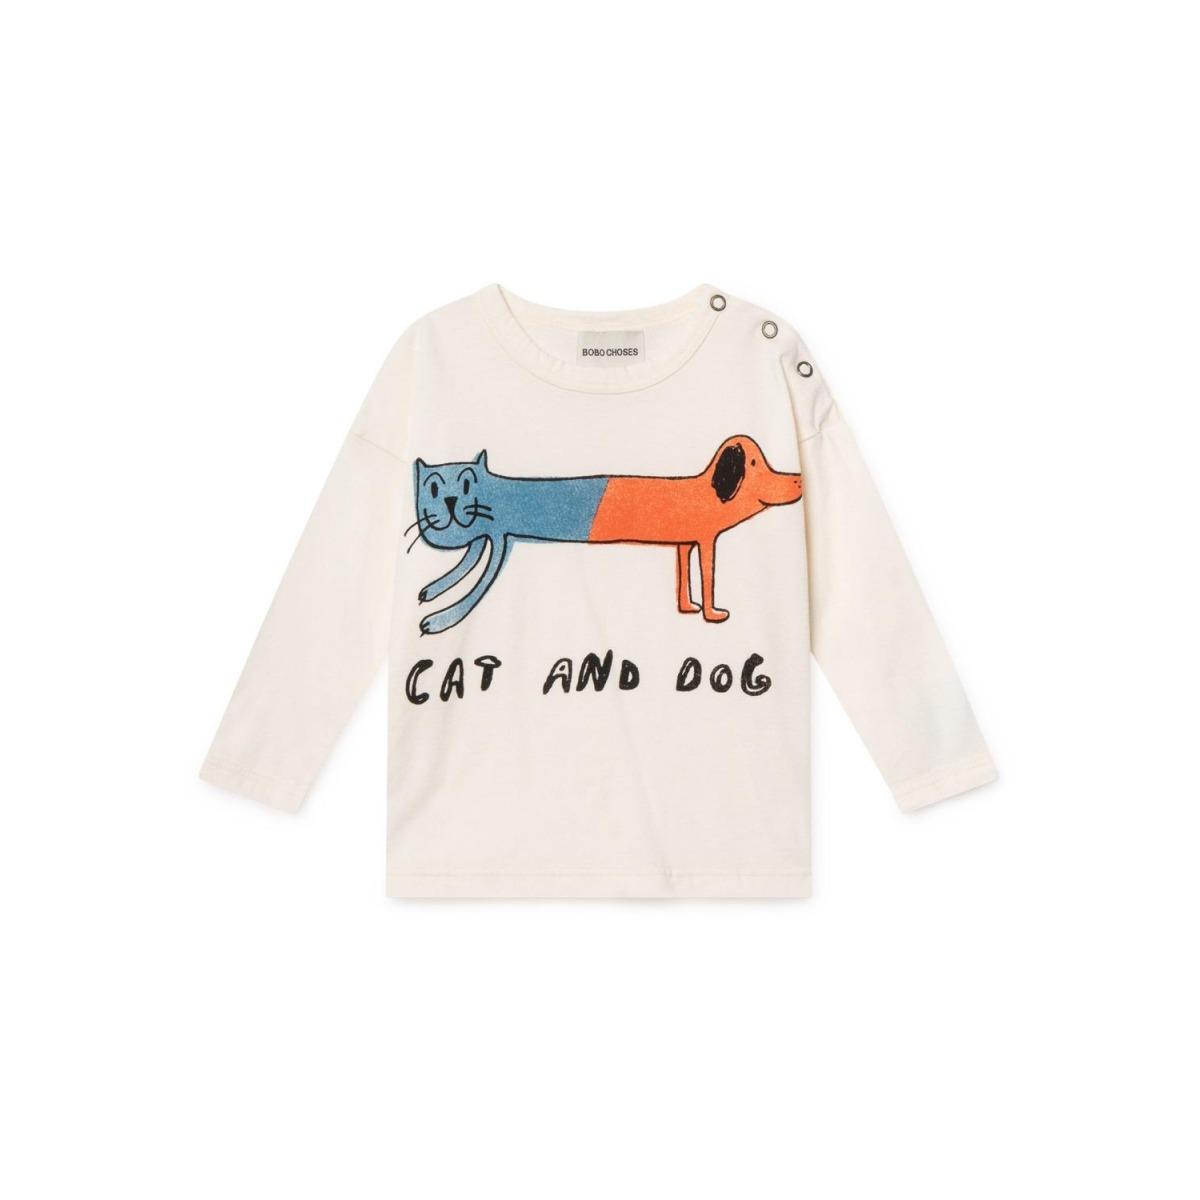 CAMISETA CAT AND DOG BLANCO ROTO